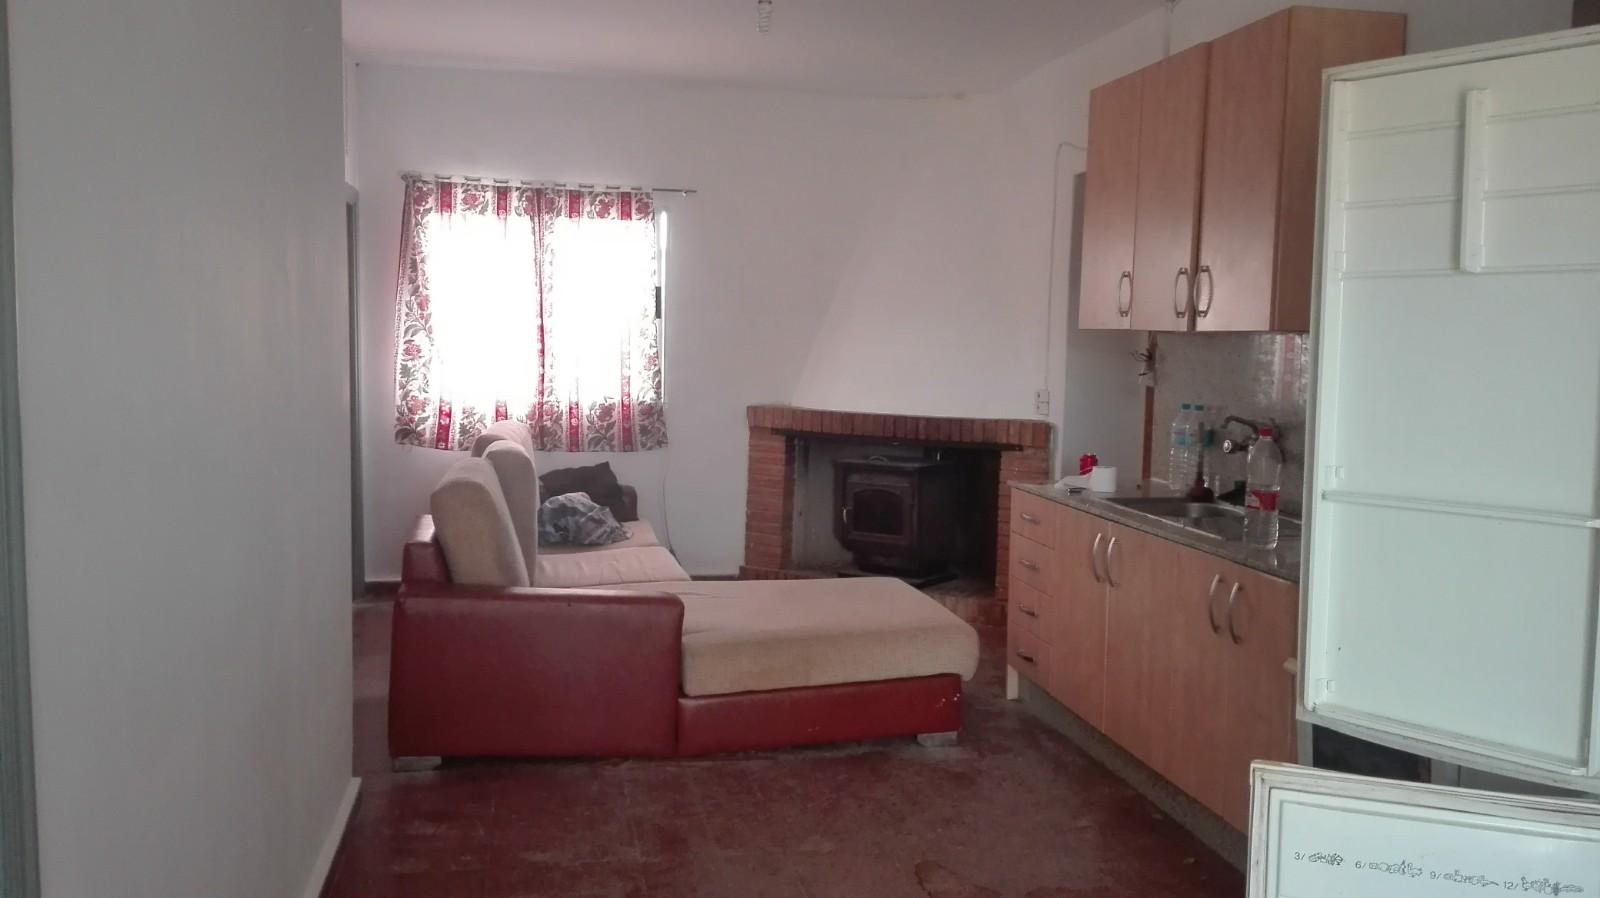 Alquiler Casa  Pedanías suroeste - corvera